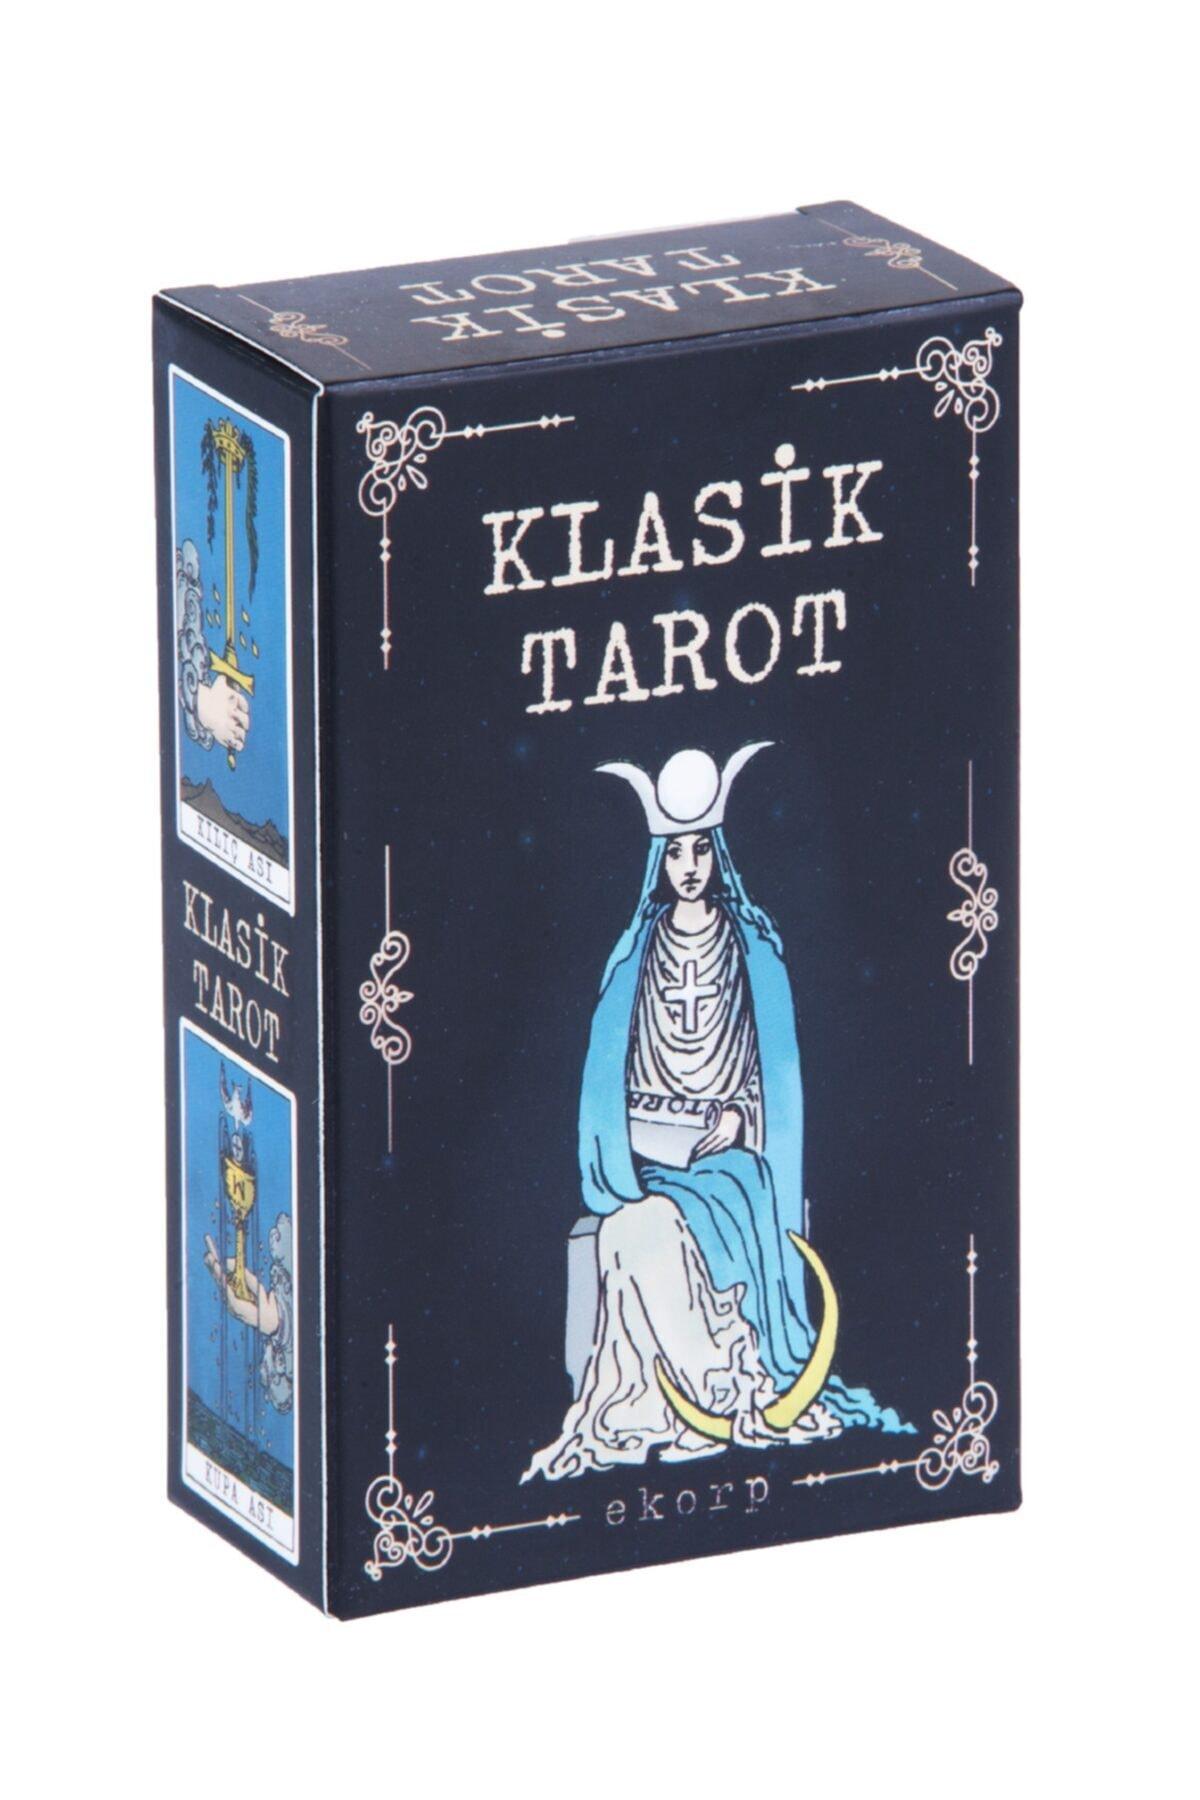 Klasik Tarot Takımı - 78 Kart Ve Rehber Kitap 2021 Orijinal Evrensel Baskı Oval Kenarlar